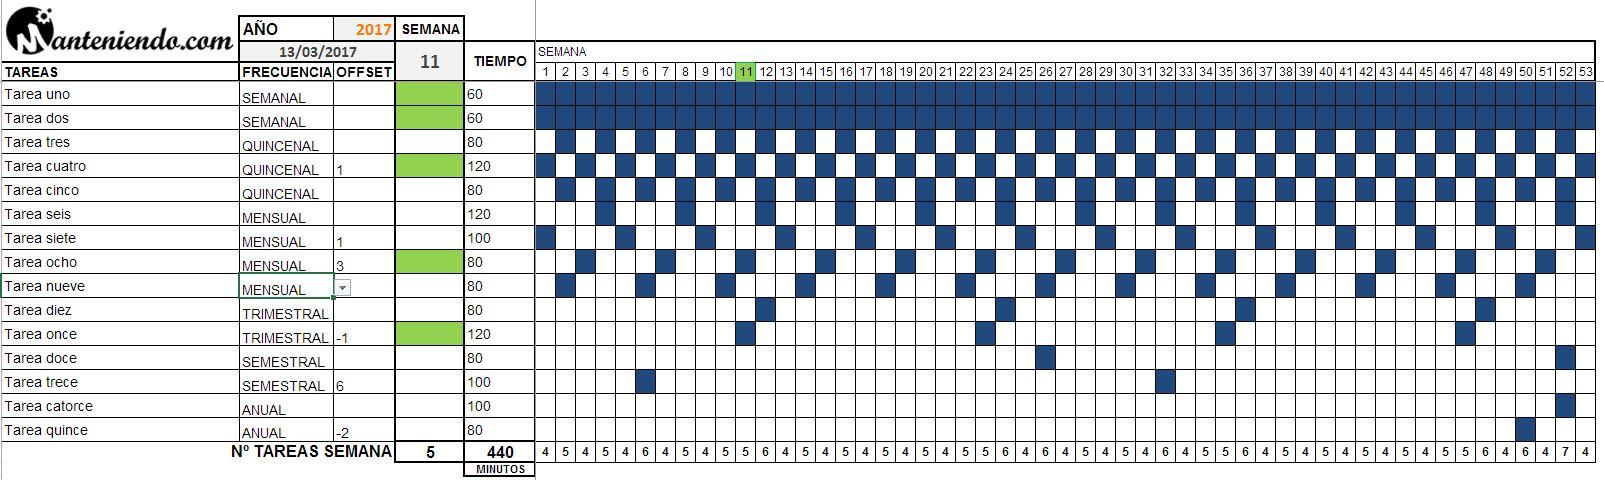 Planificador rápido de tareas en Excel - Manteniendo.com